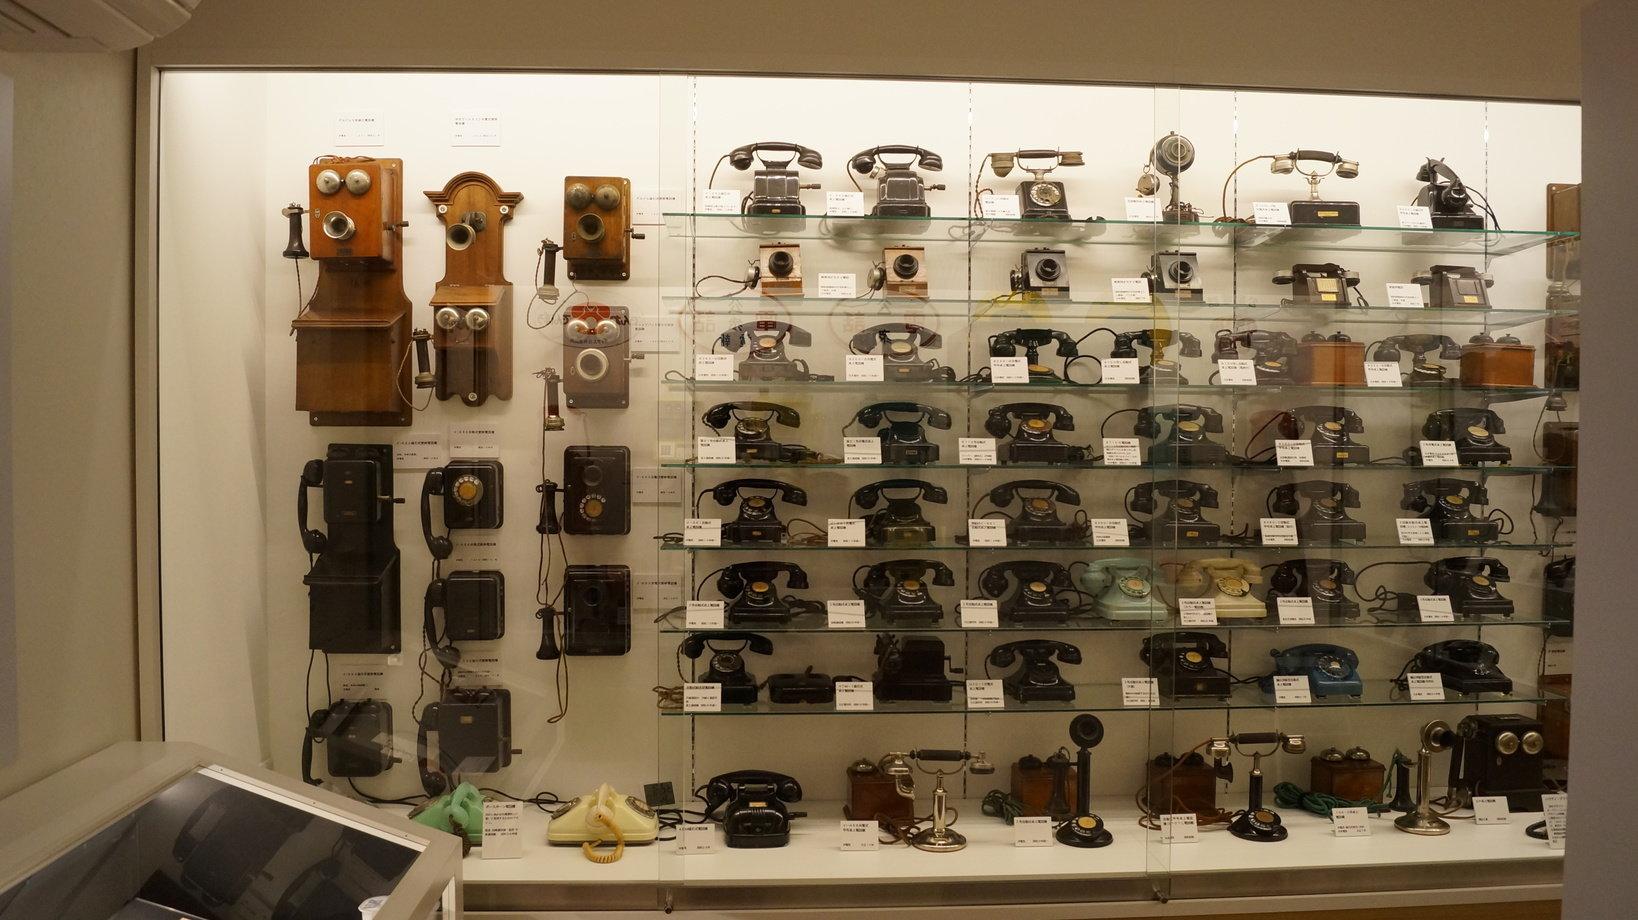 日本でも珍しい私設電話機が数多く展示されている